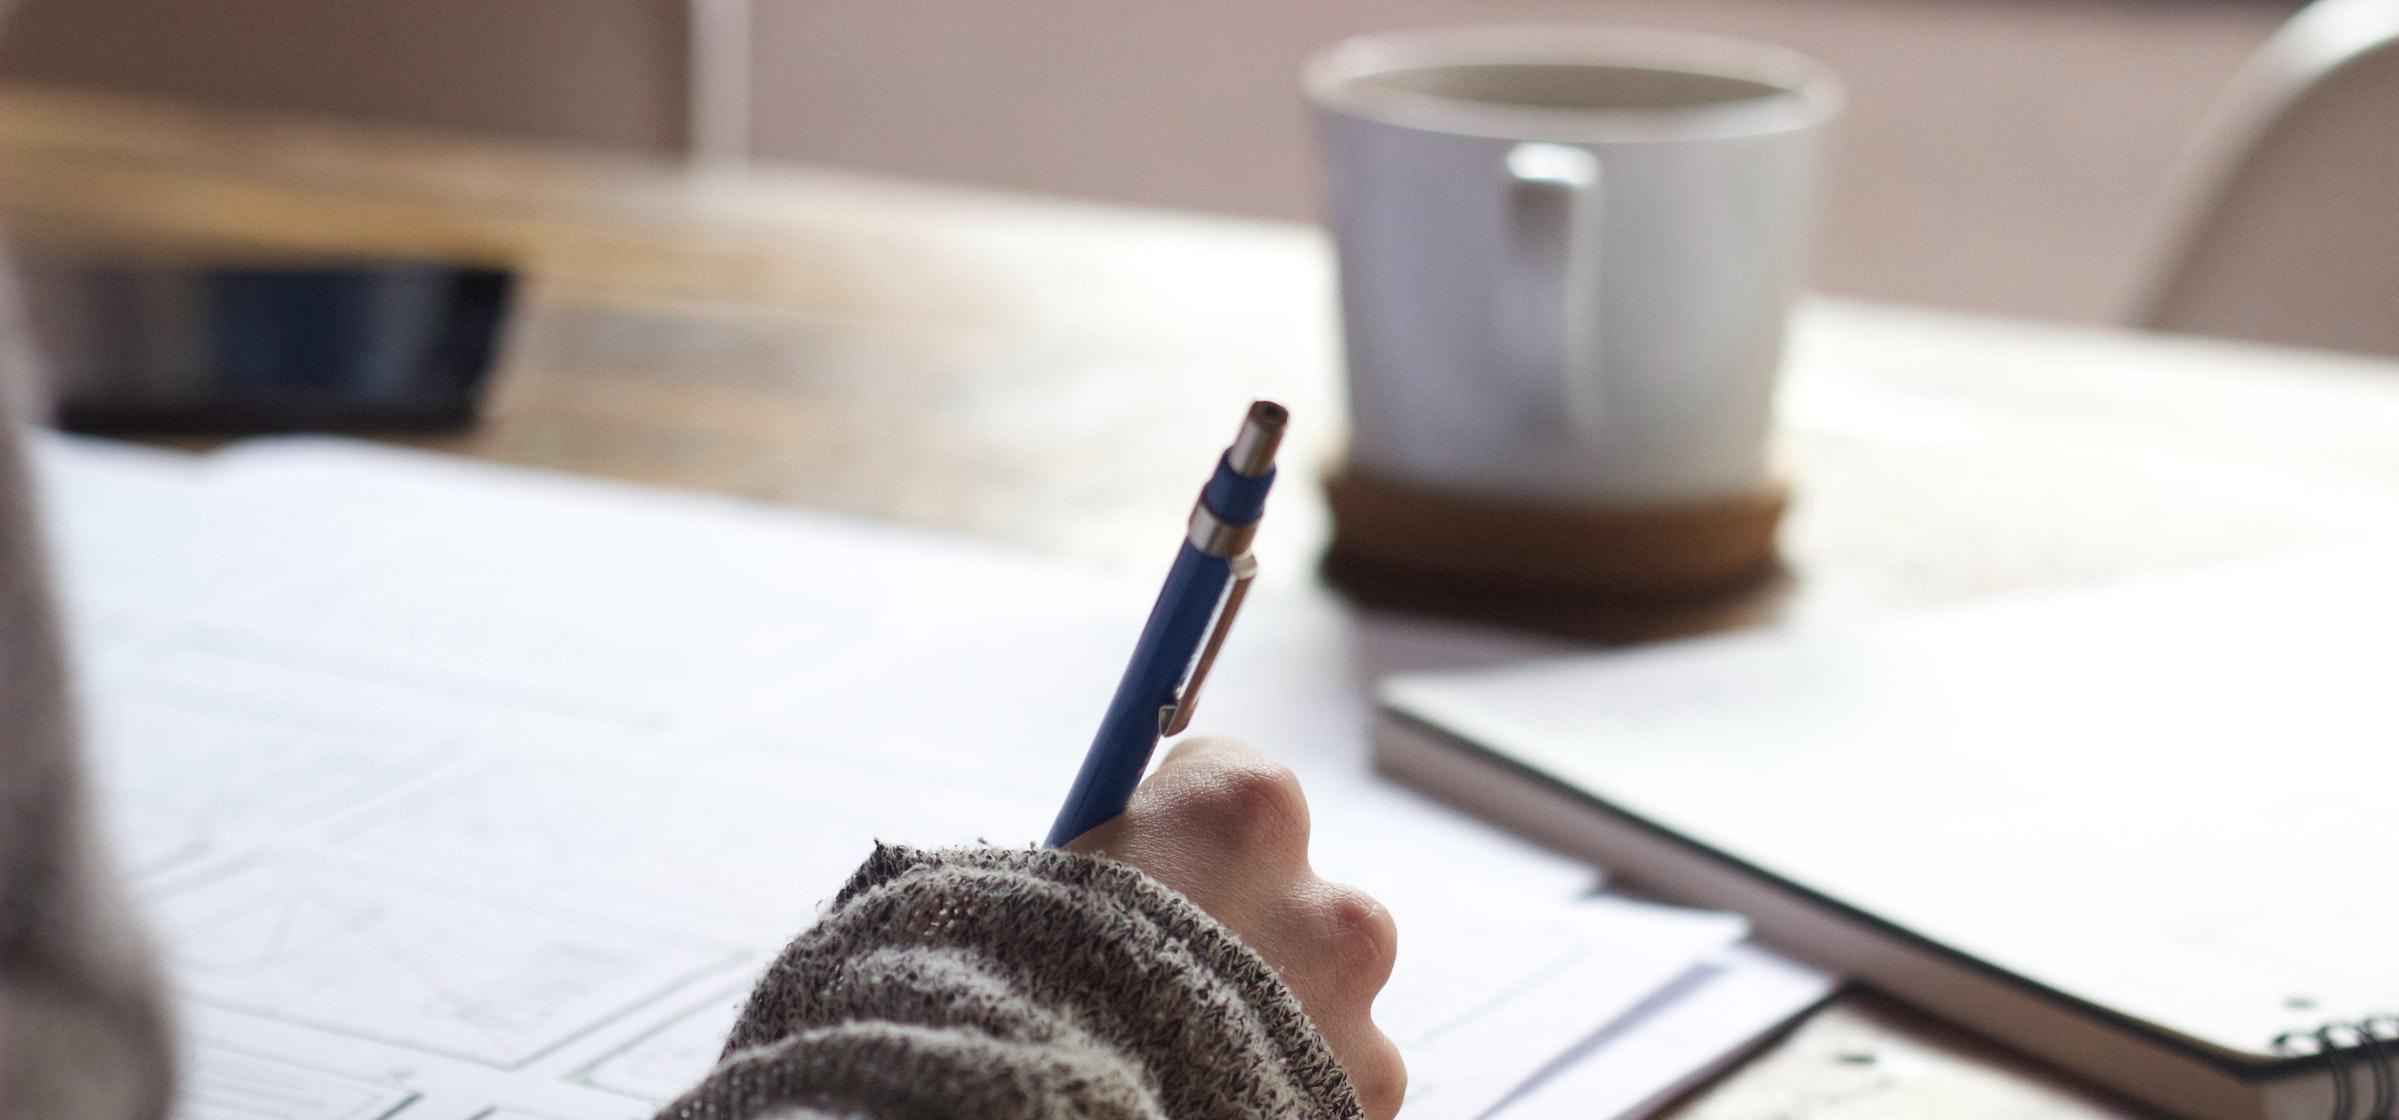 Die Toni Knows Checkliste: Was brauche ich für den perfekten Studienstart?